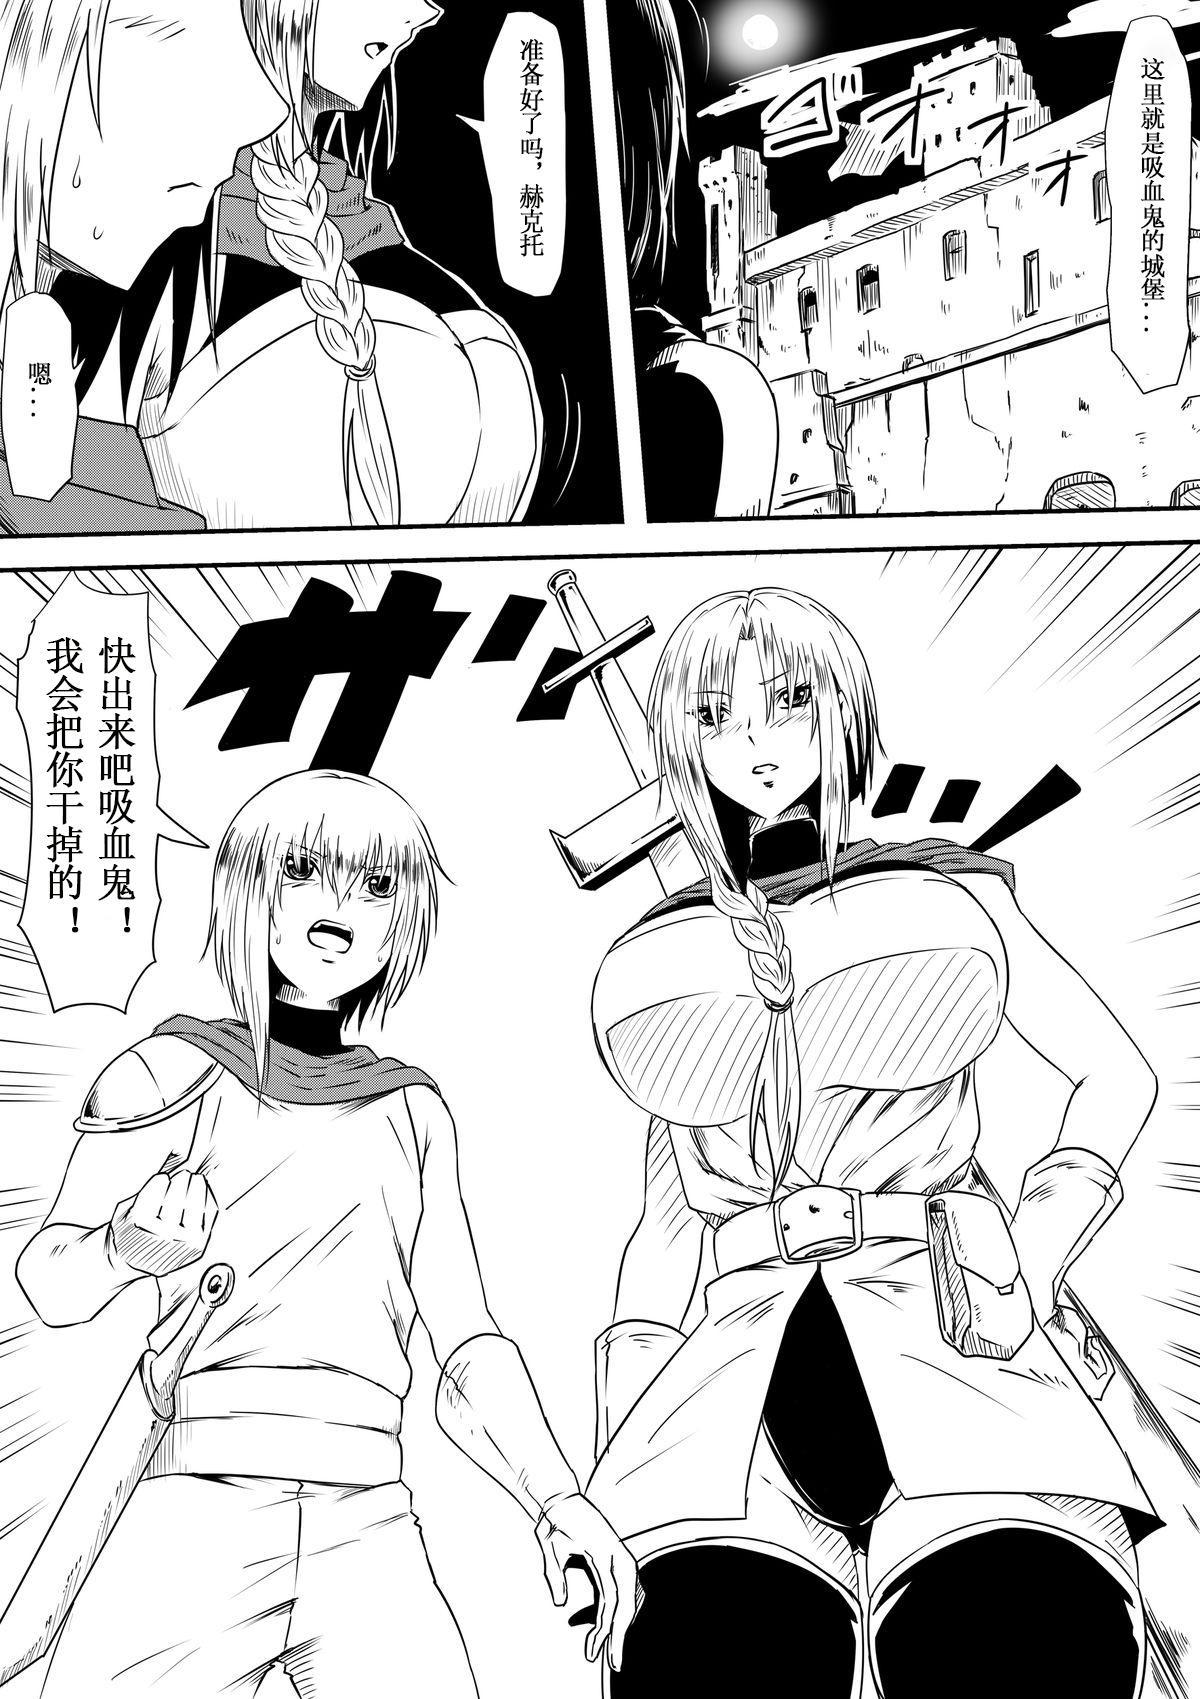 Kyuuketsuki ni Kanzen Haiboku Shita Vanpire Hunter Oyako ga Musuko no Mae de Okasare Kyuuketsuki-ka Shite Shimau Haha no Hanashi 5